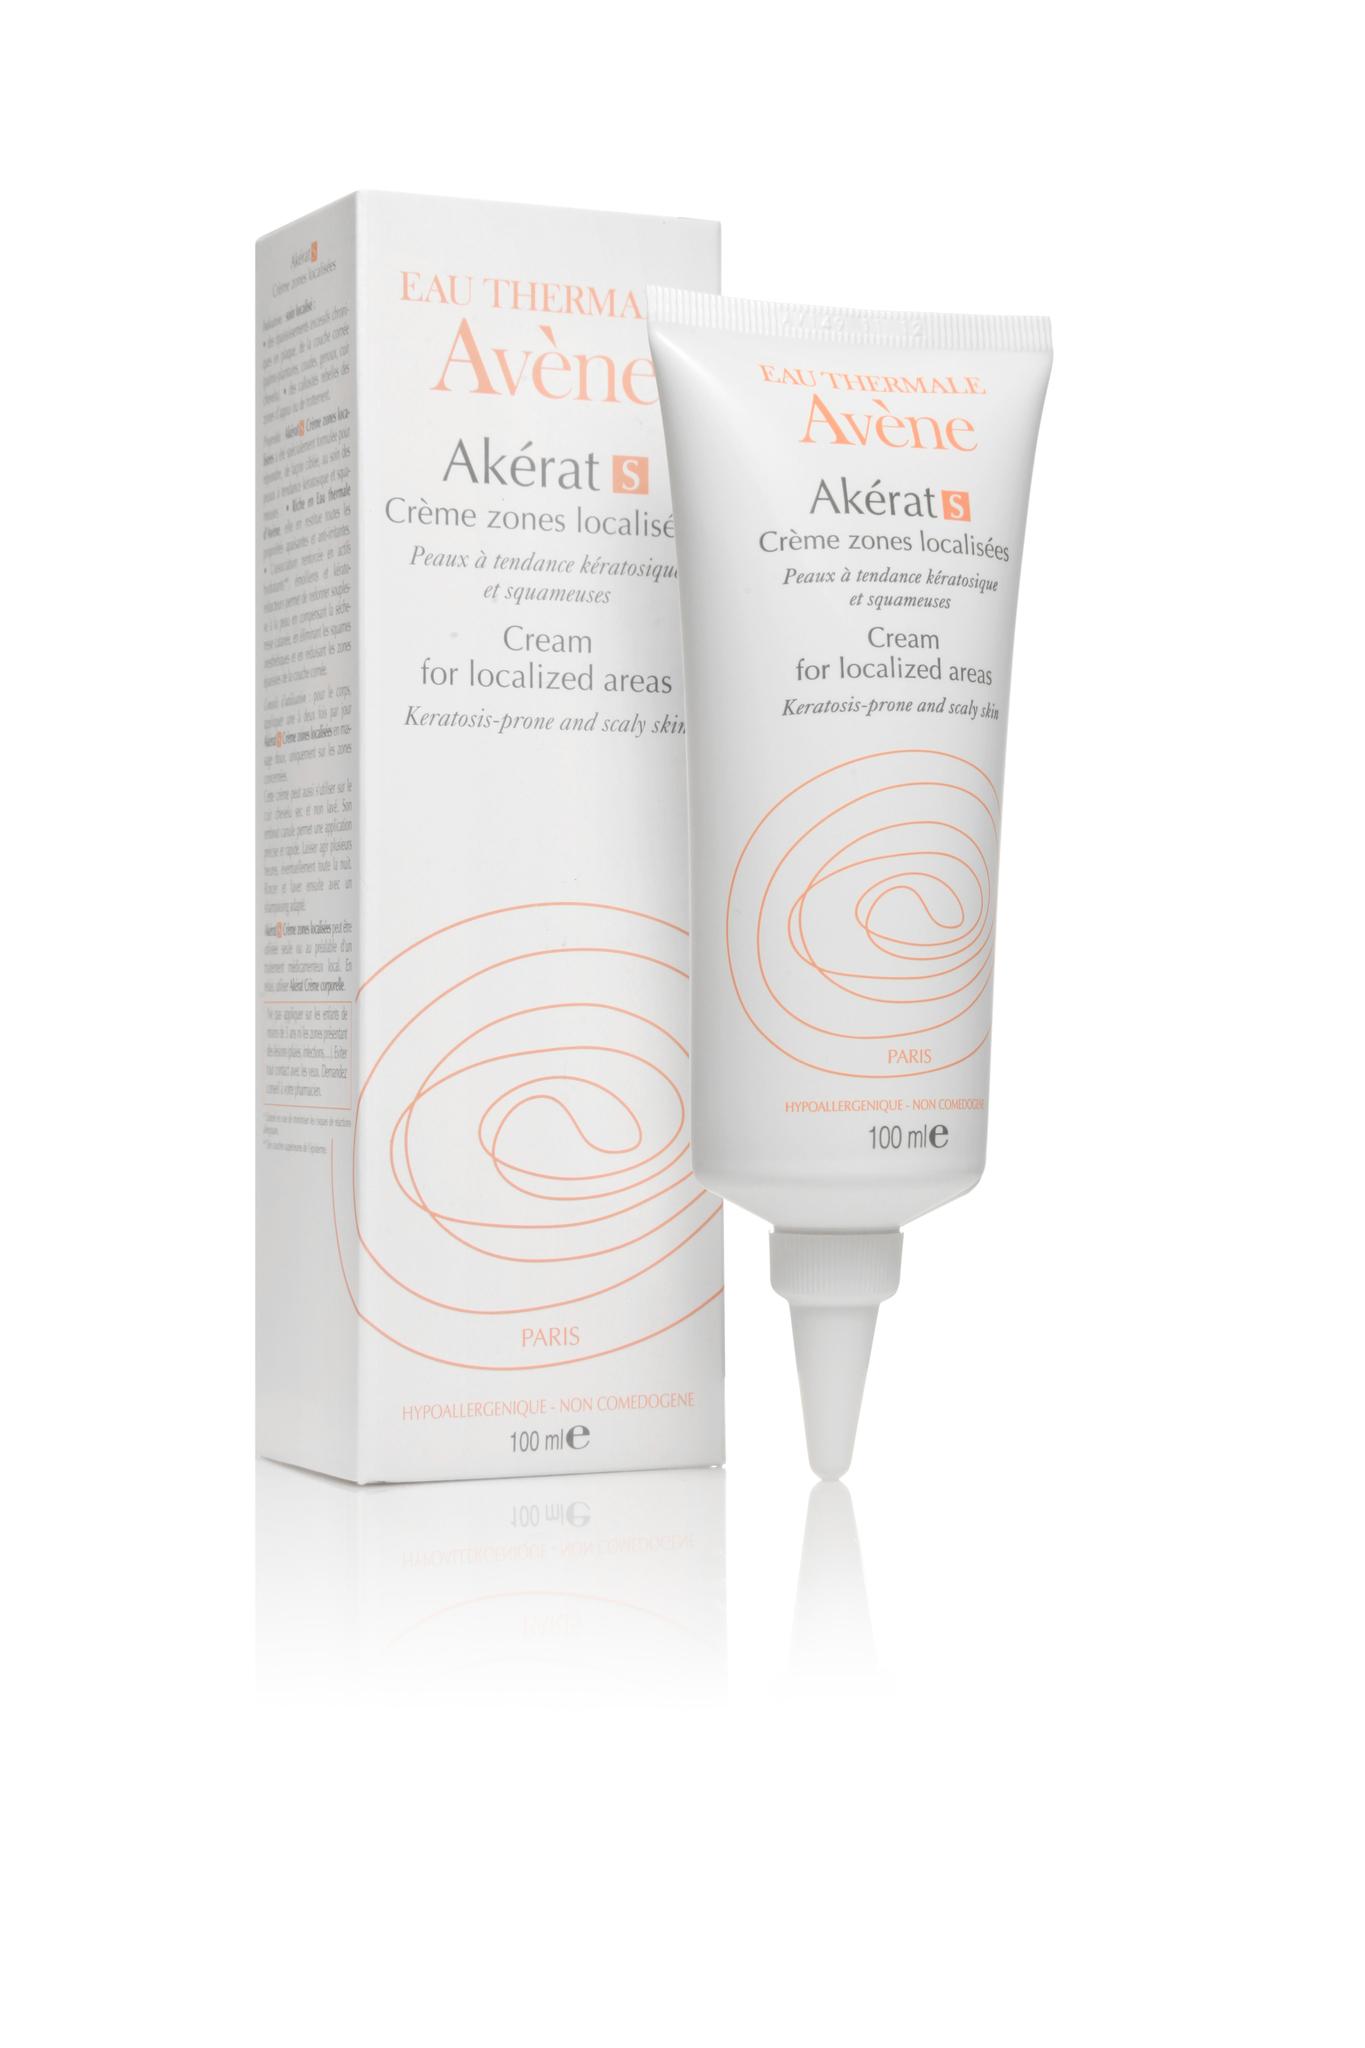 Avene Akerat S крем для локального нанесения на зоны с уплотнением и шелушением 100 мл.